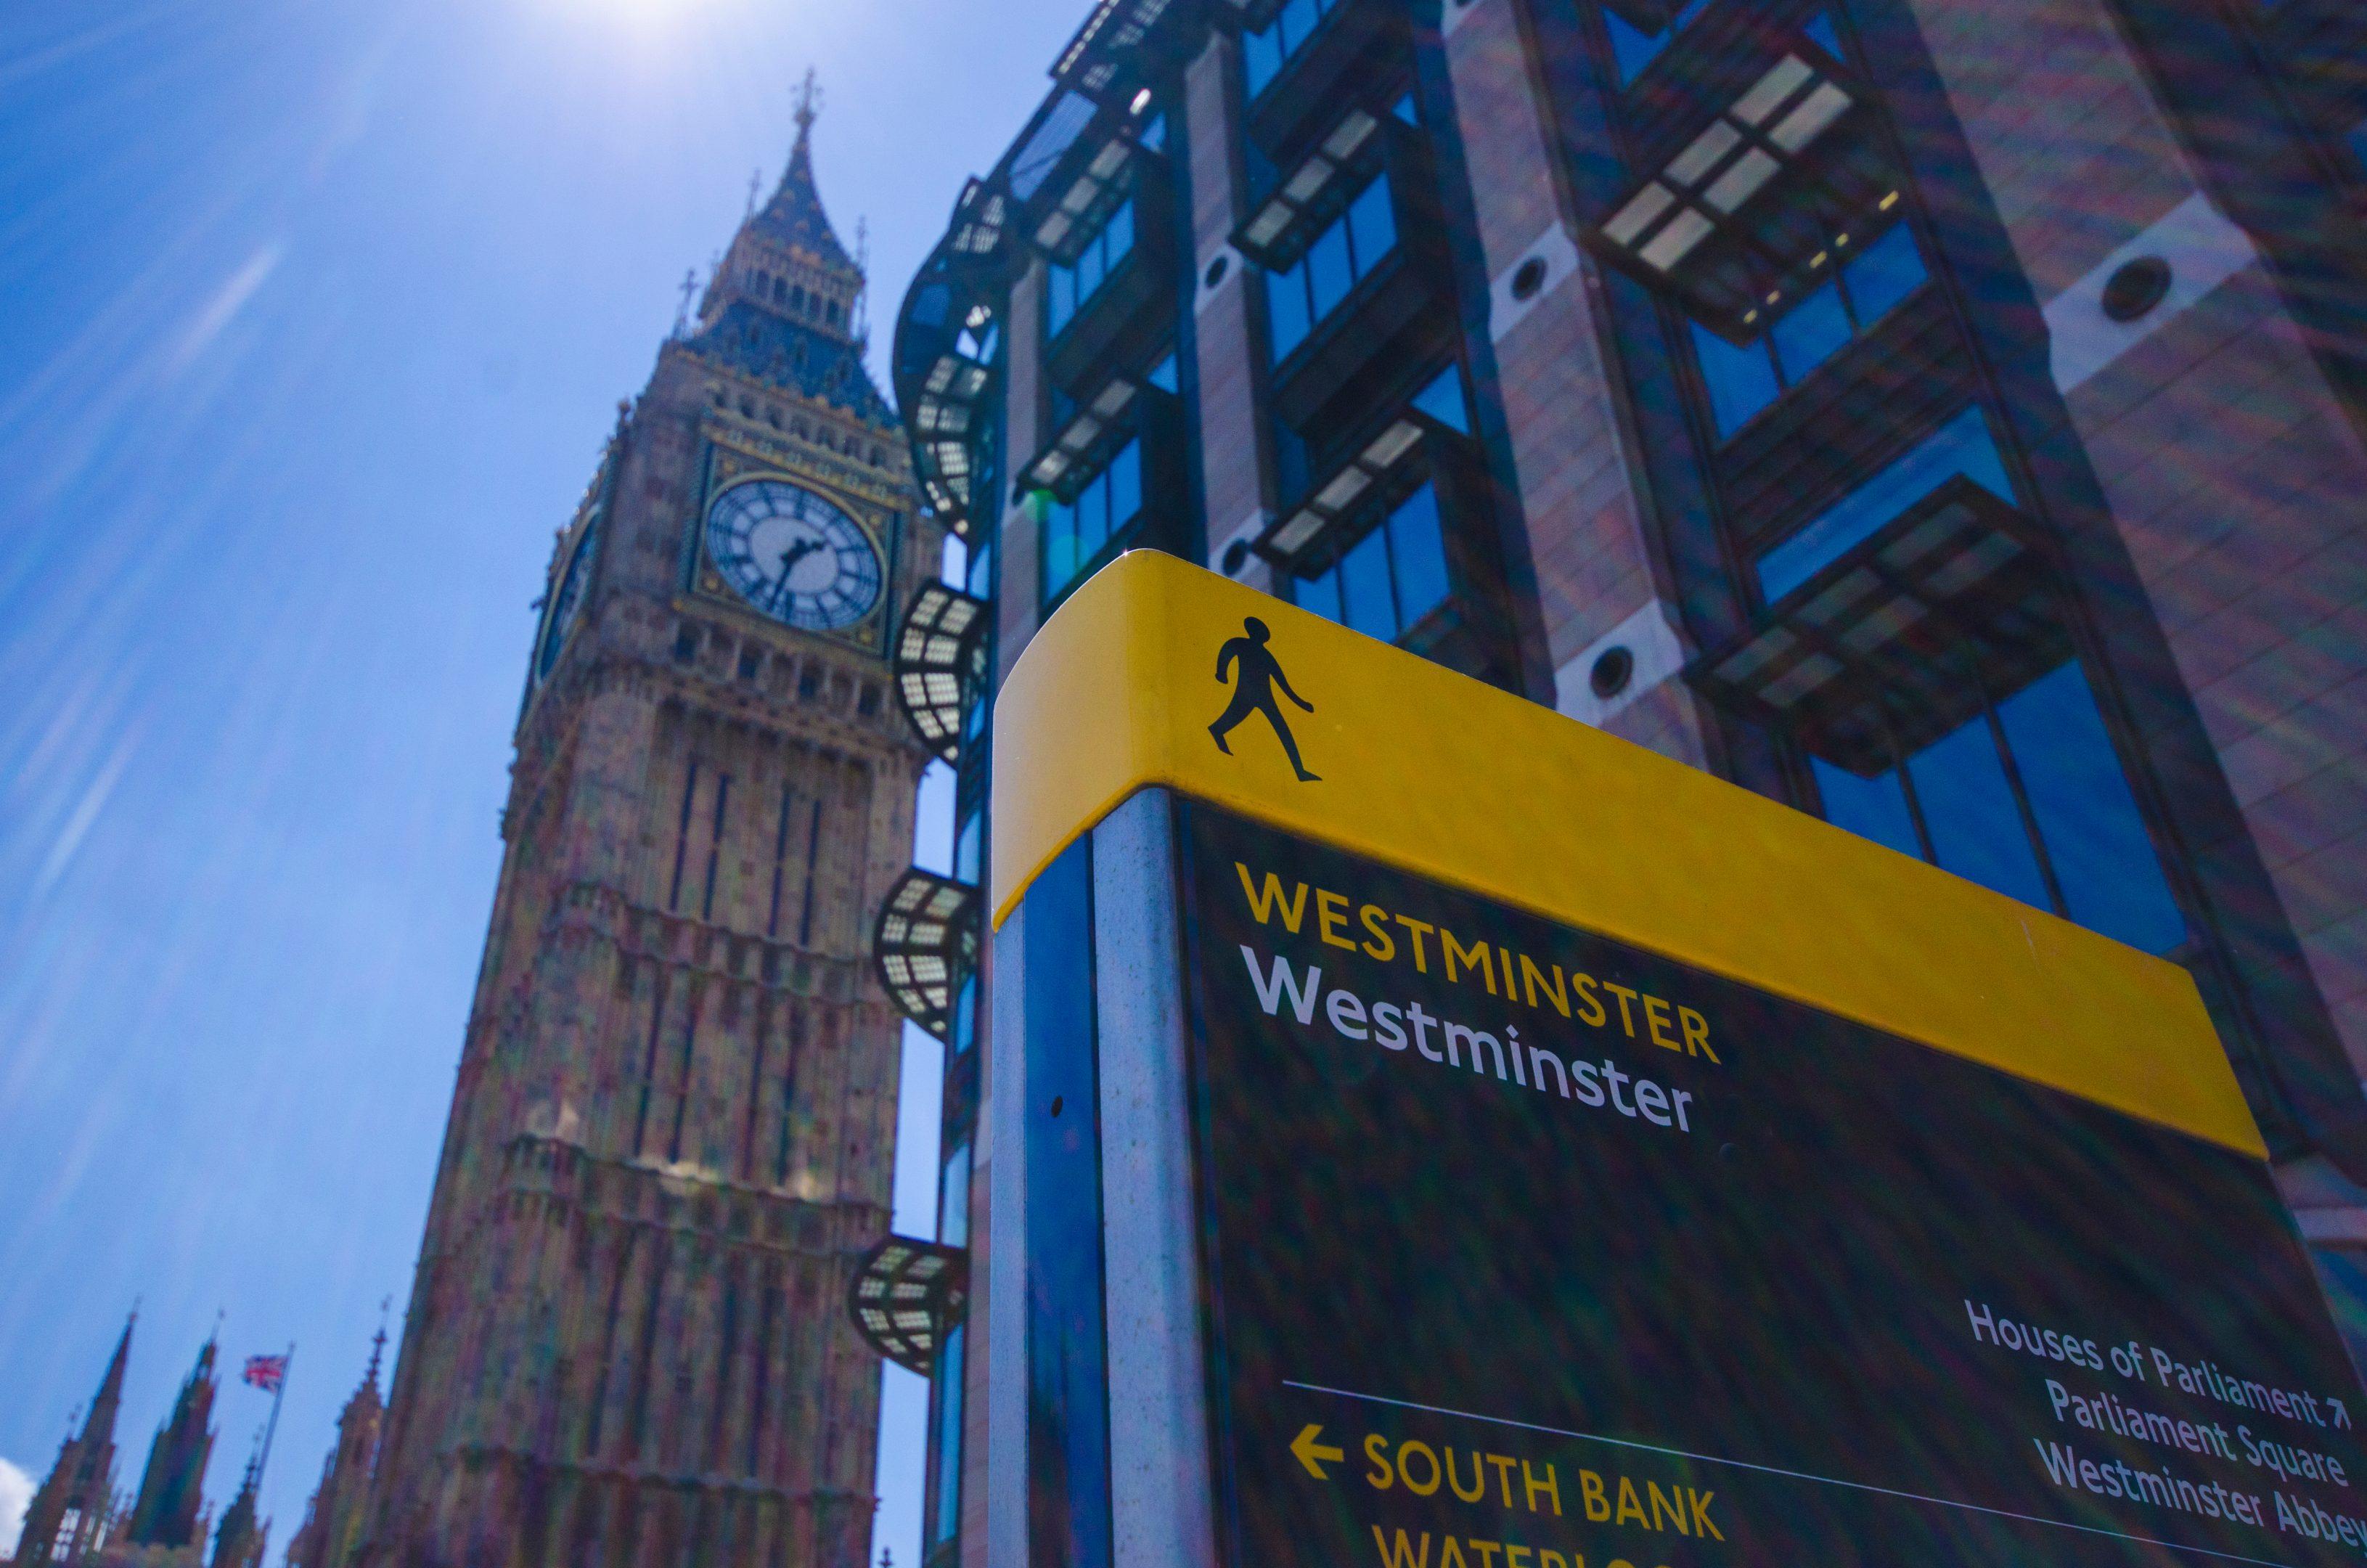 Big Ben/Elisabeth Tower, Portcullis House, and Westminster sign